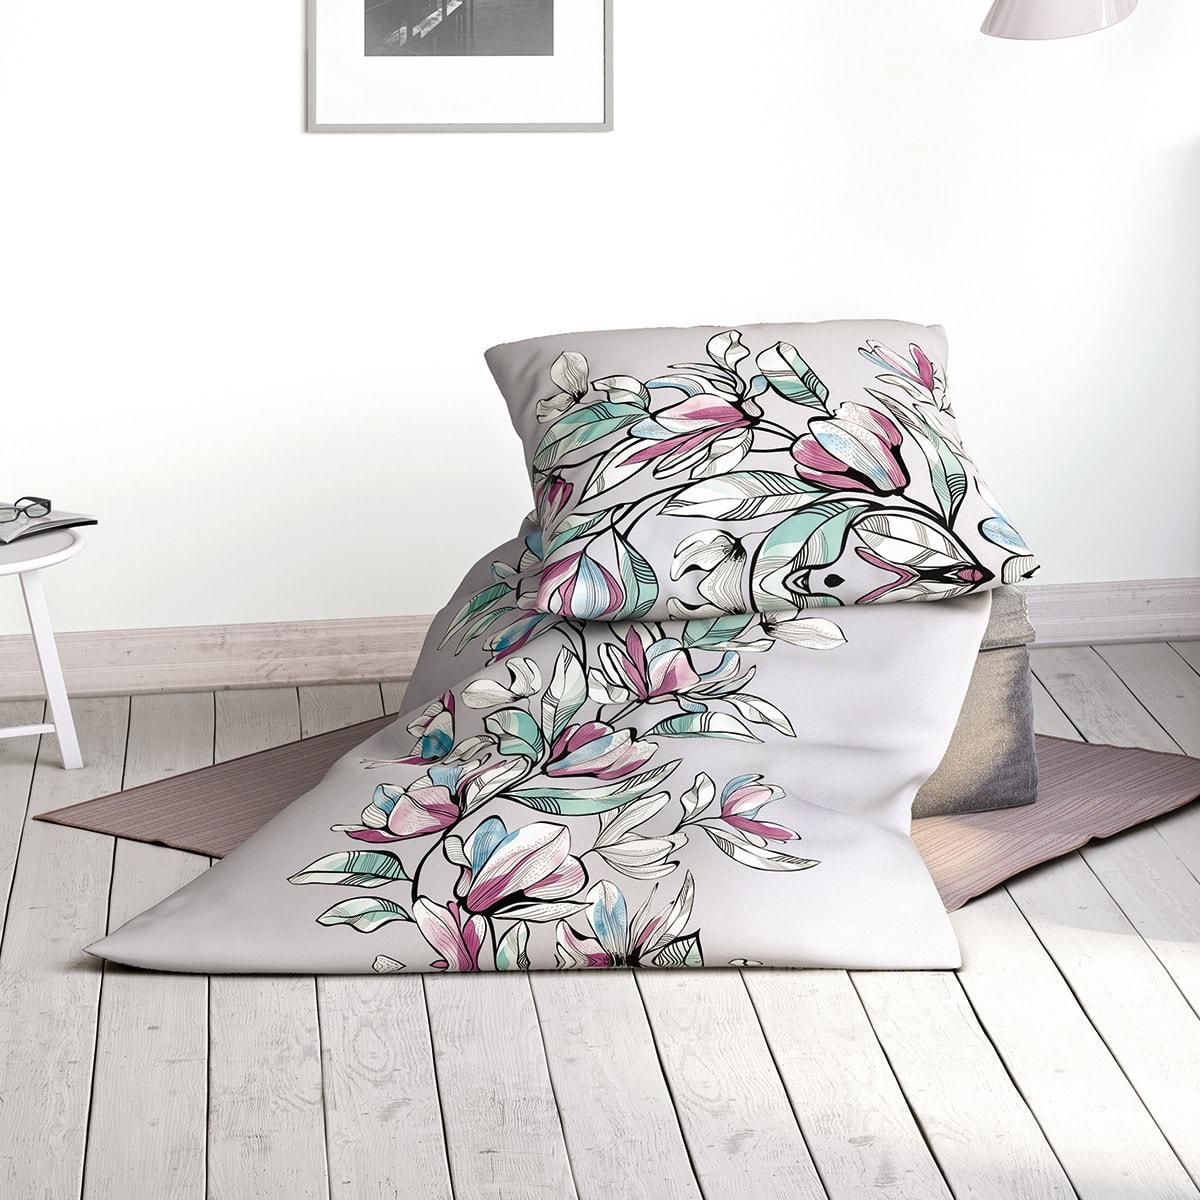 irisette jersey bettw sche flair 8724 90 g nstig online kaufen bei bettwaren shop. Black Bedroom Furniture Sets. Home Design Ideas